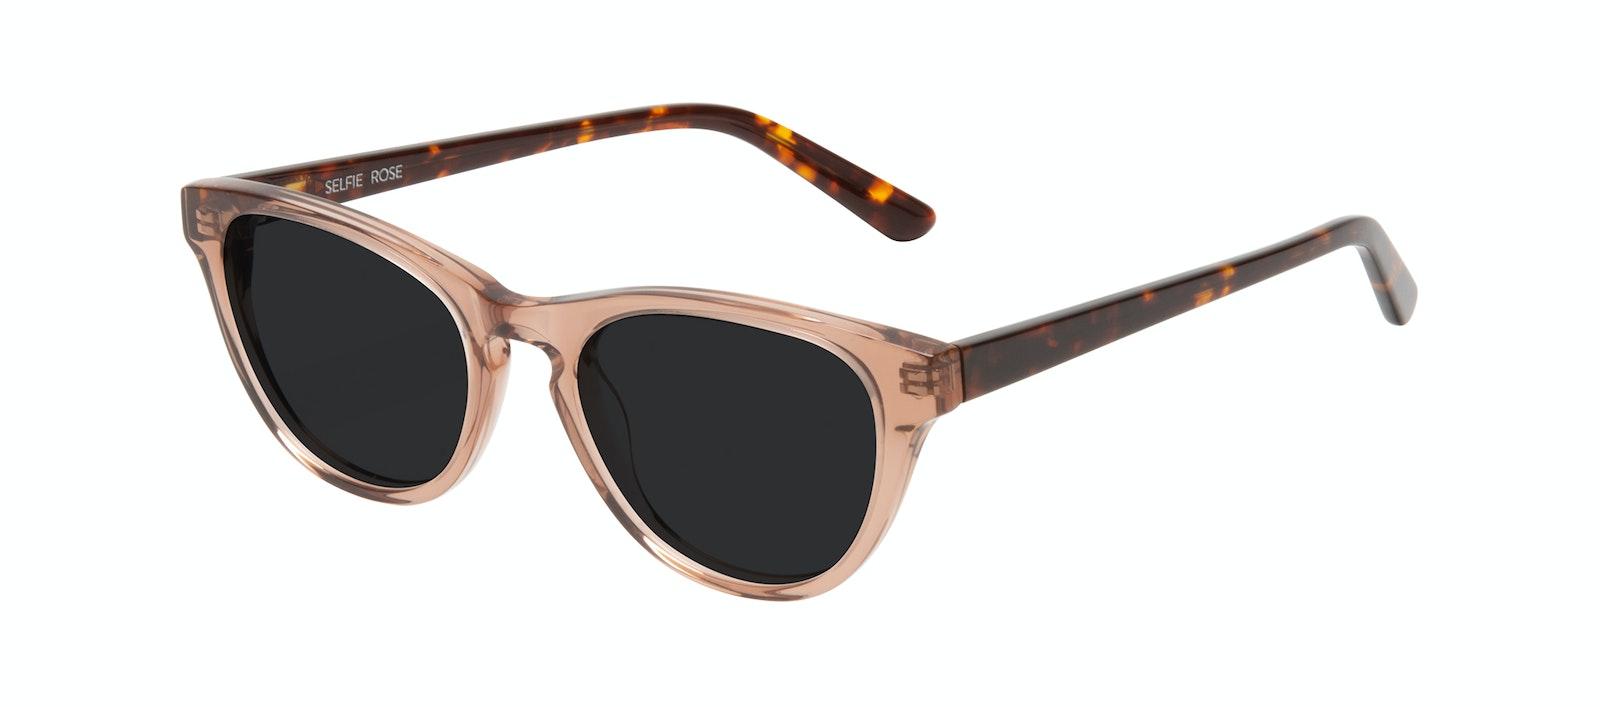 Affordable Fashion Glasses Cat Eye Sunglasses Women Selfie Rose Tilt